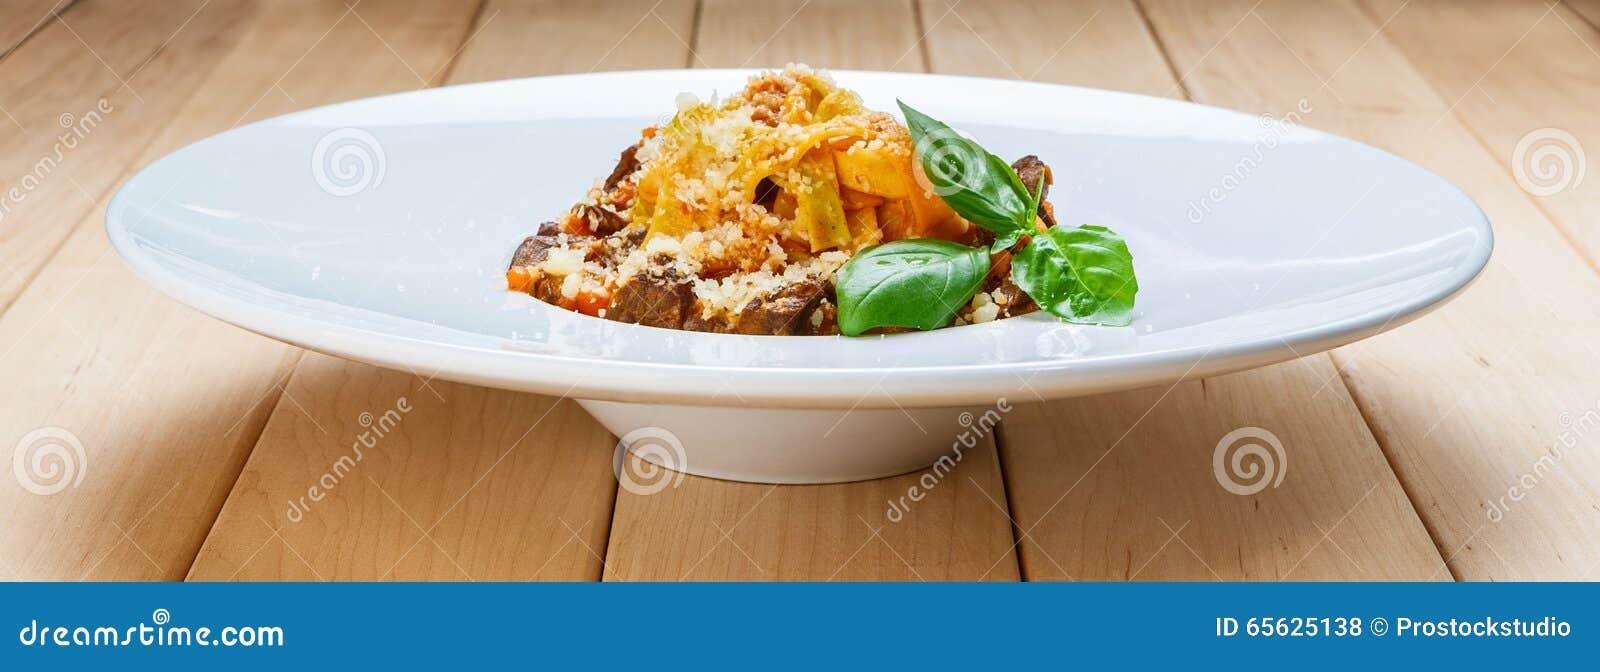 Pâtes italiennes traditionnelles avec du boeuf